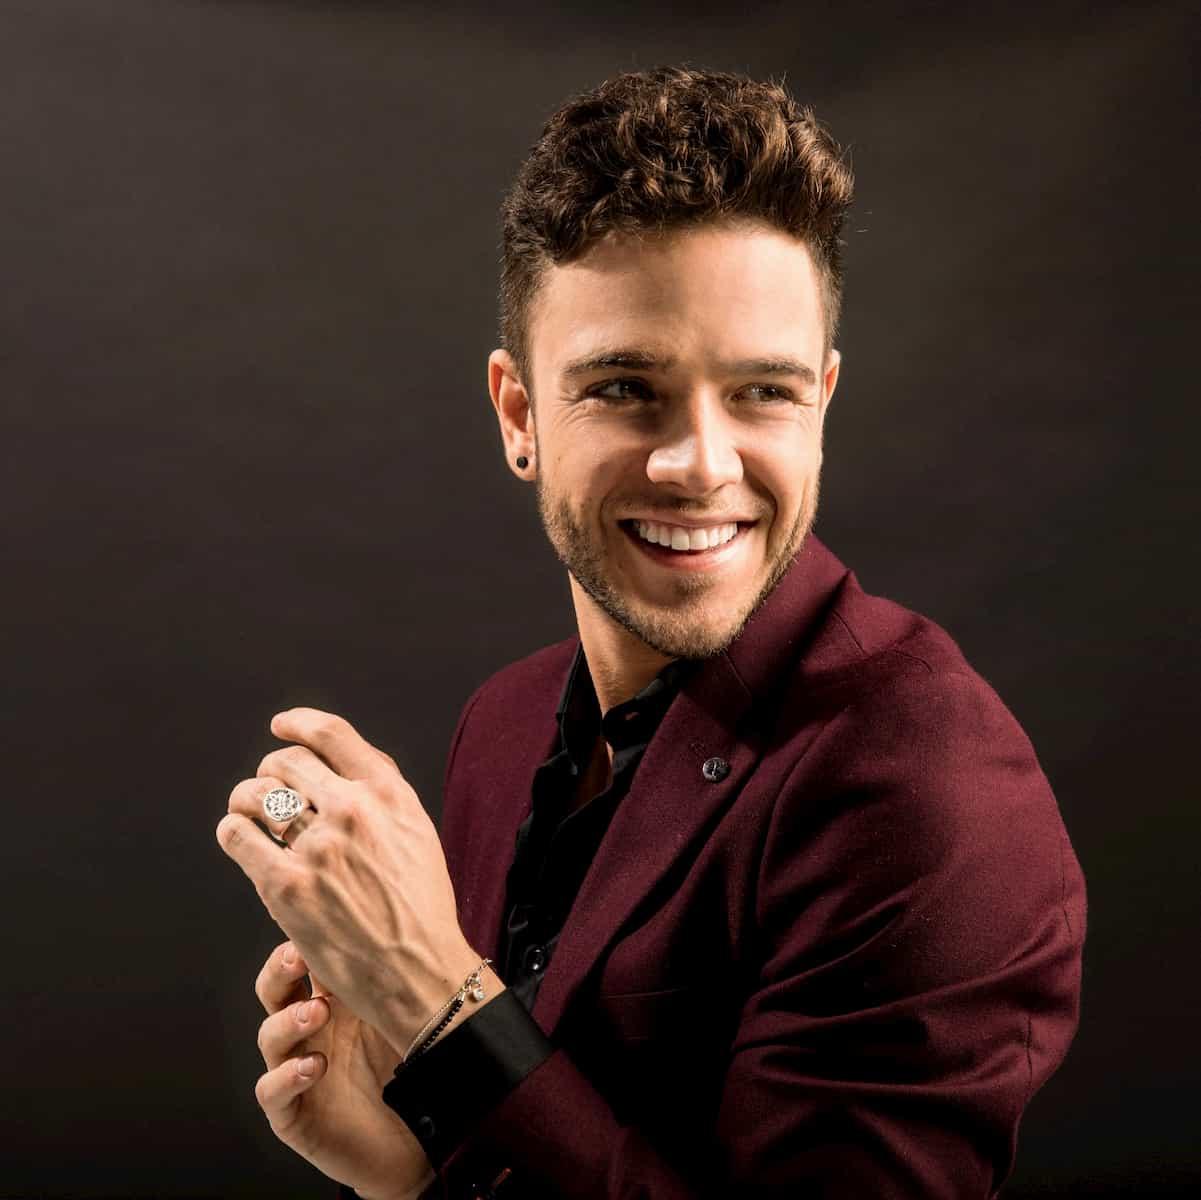 Luca Hänni bei Let's dance 2020 als Promi-Kandidat dabei